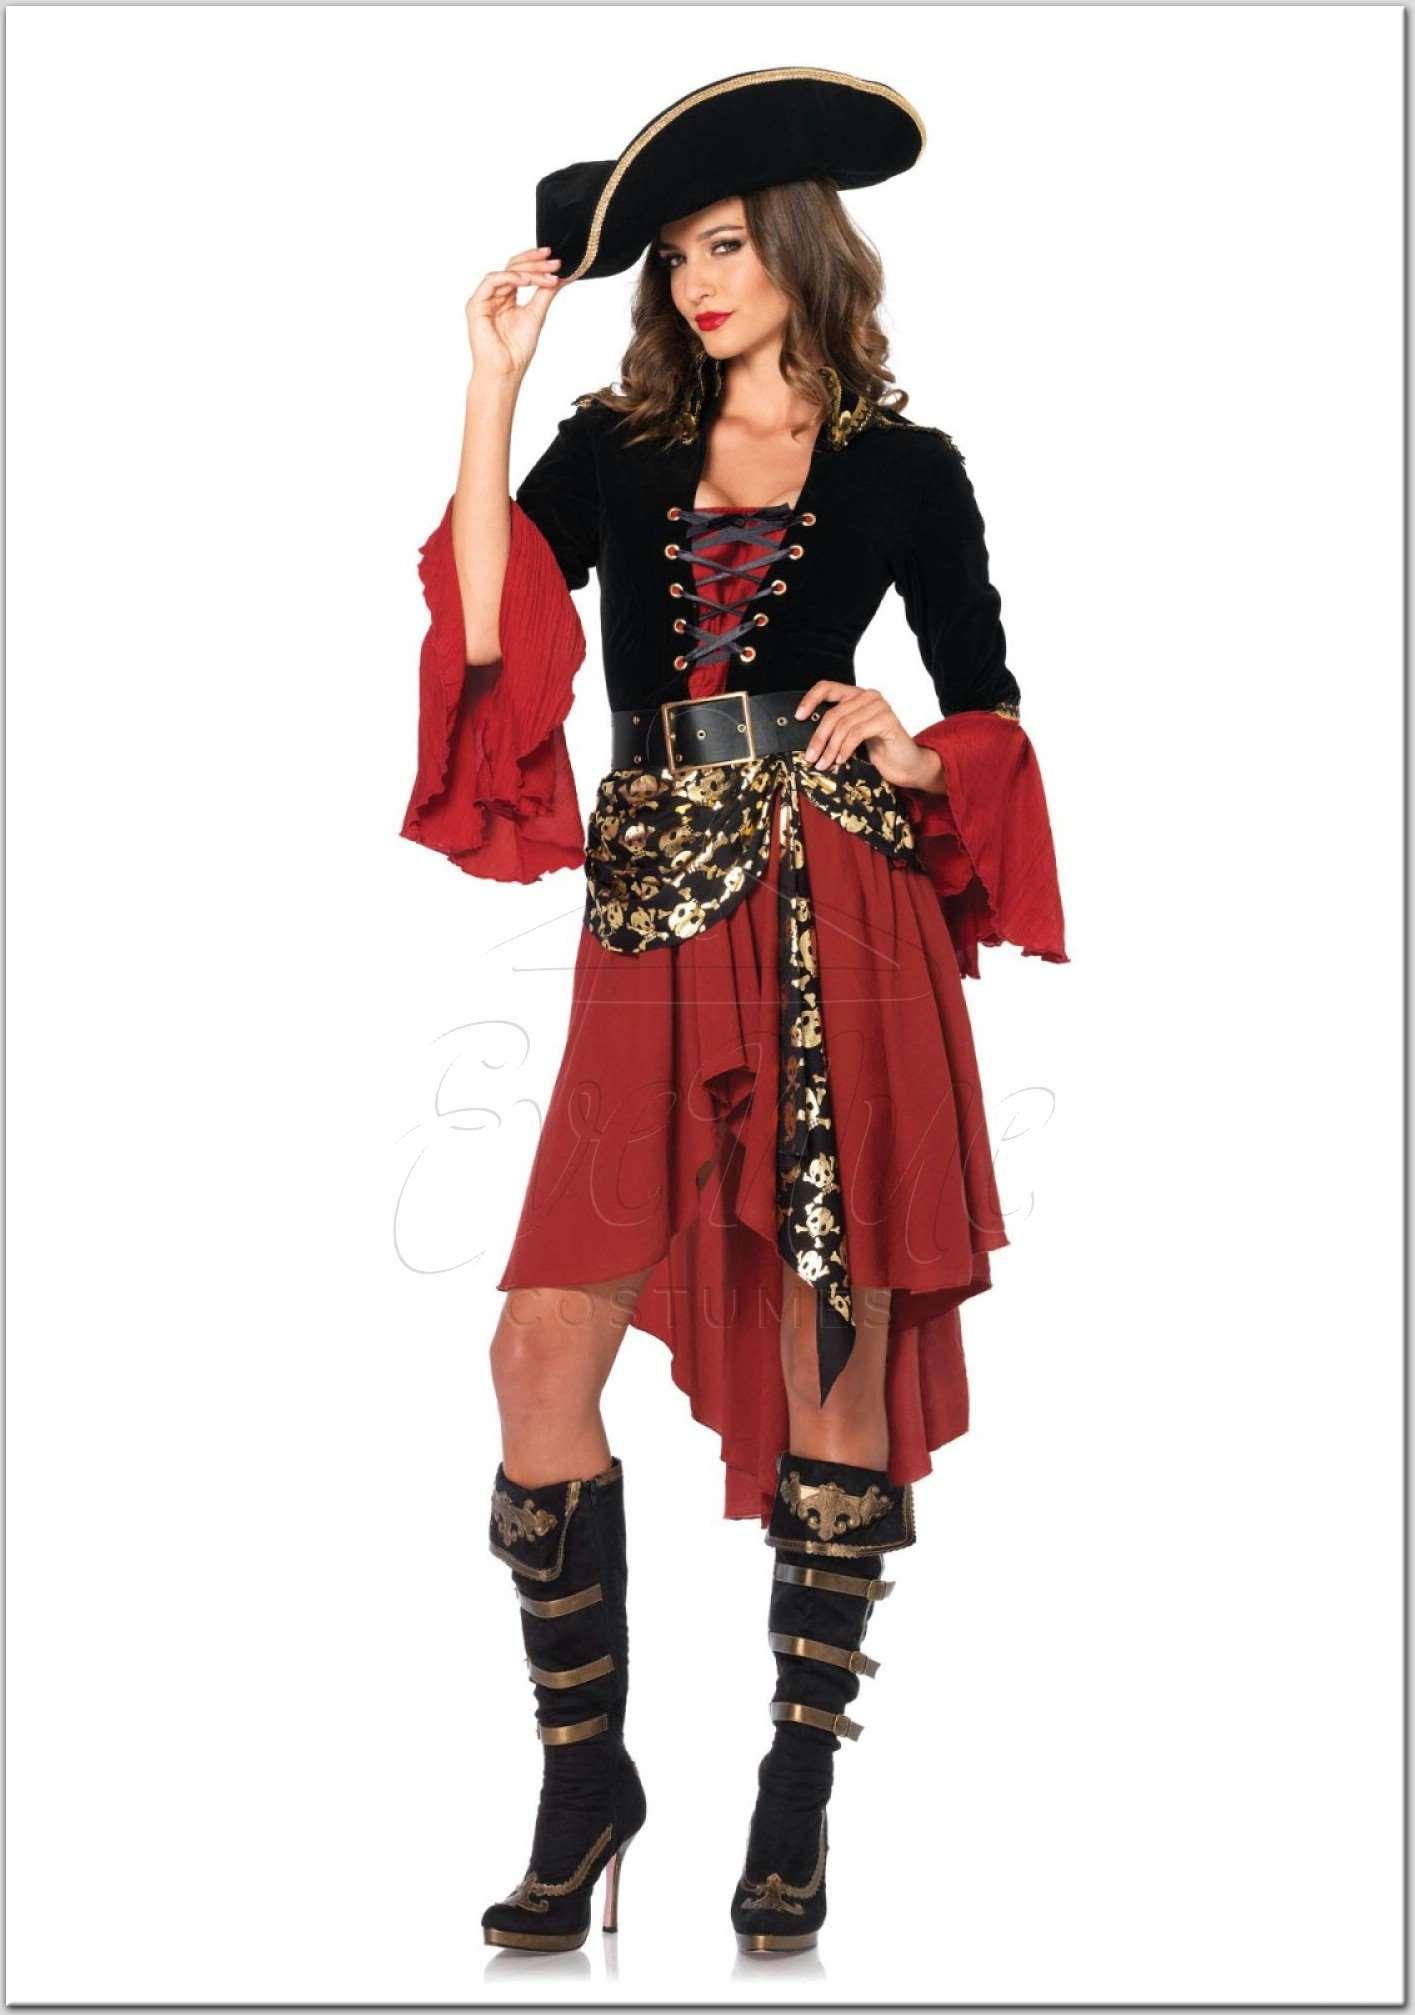 Kalóz kapitány női jelmez az EveNue Costumes jelmezkölcsönző szalon kínálatából